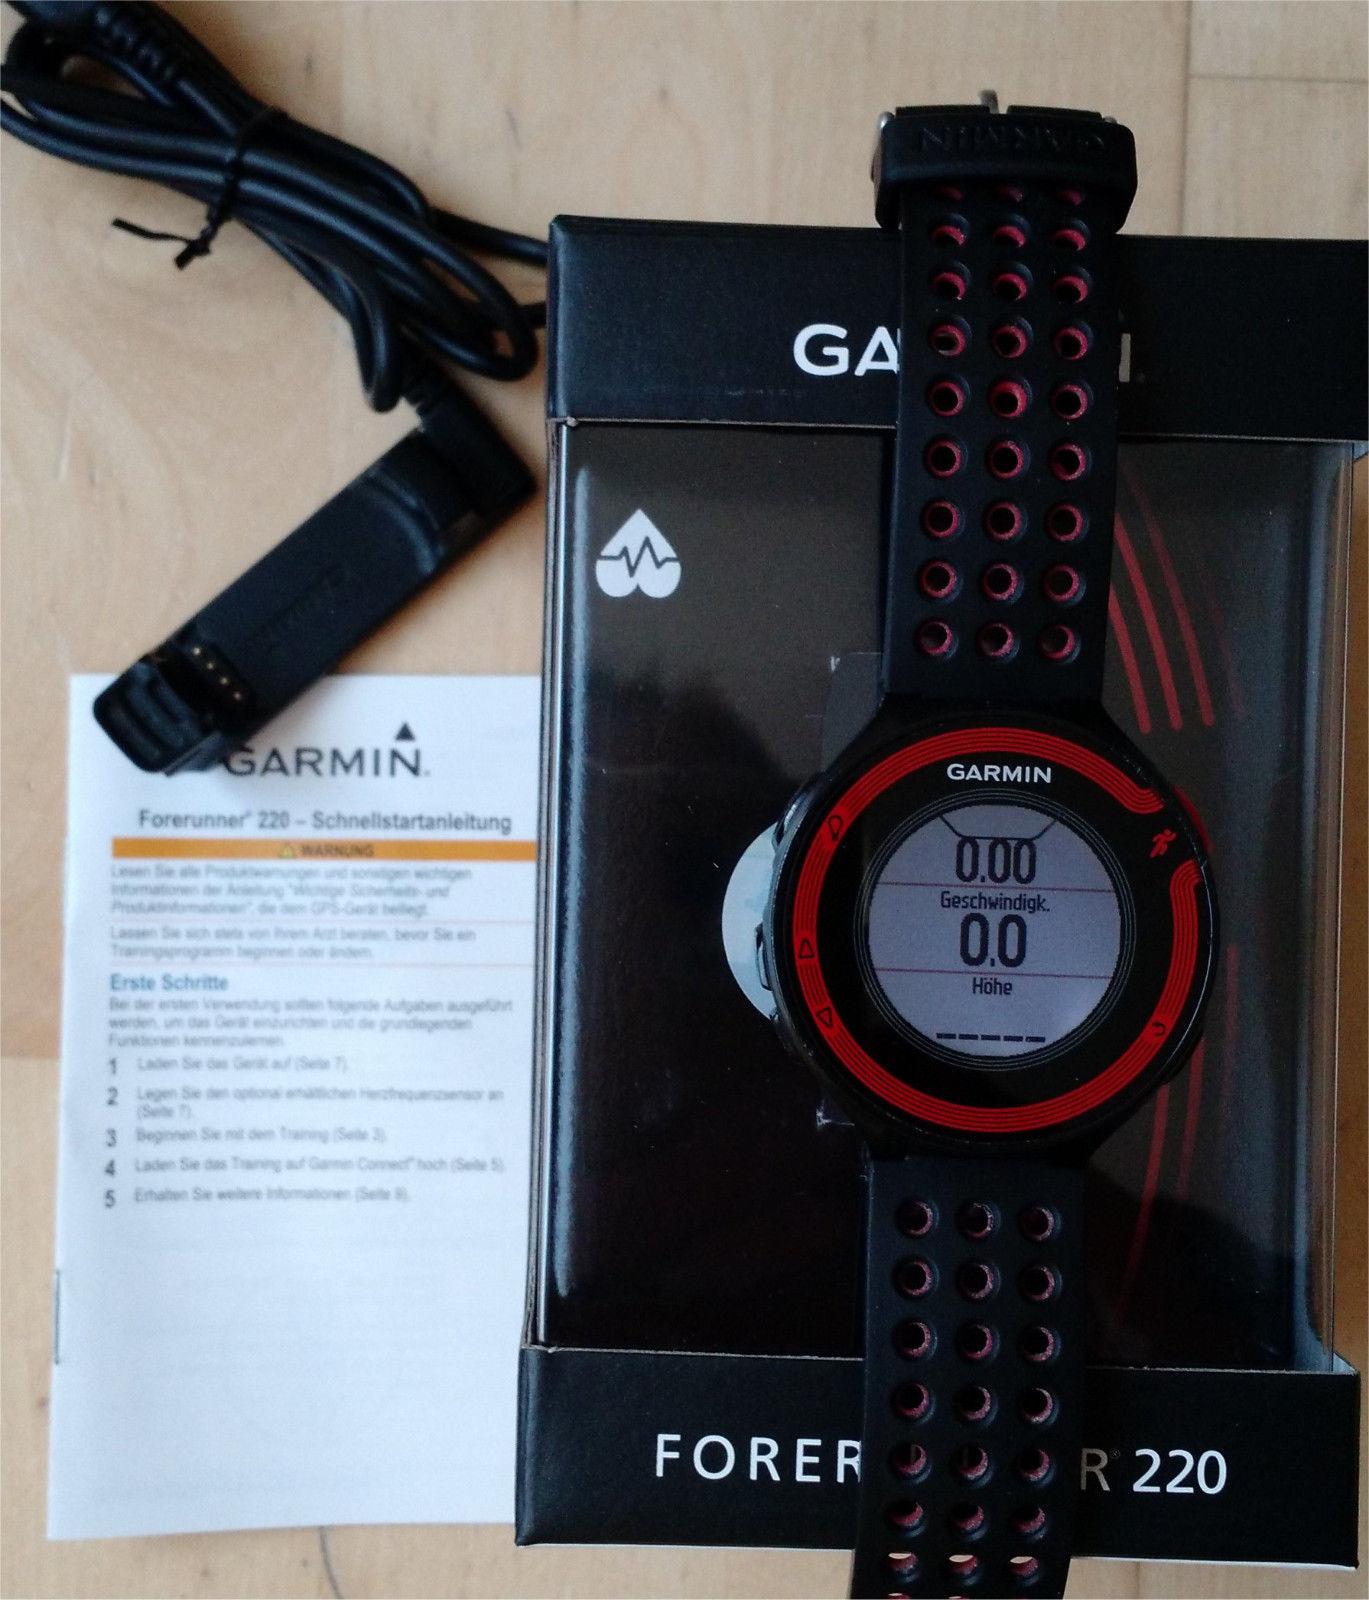 GPS-Uhr Garmin Forerunner 220, OVP, komplett, rot schwarz